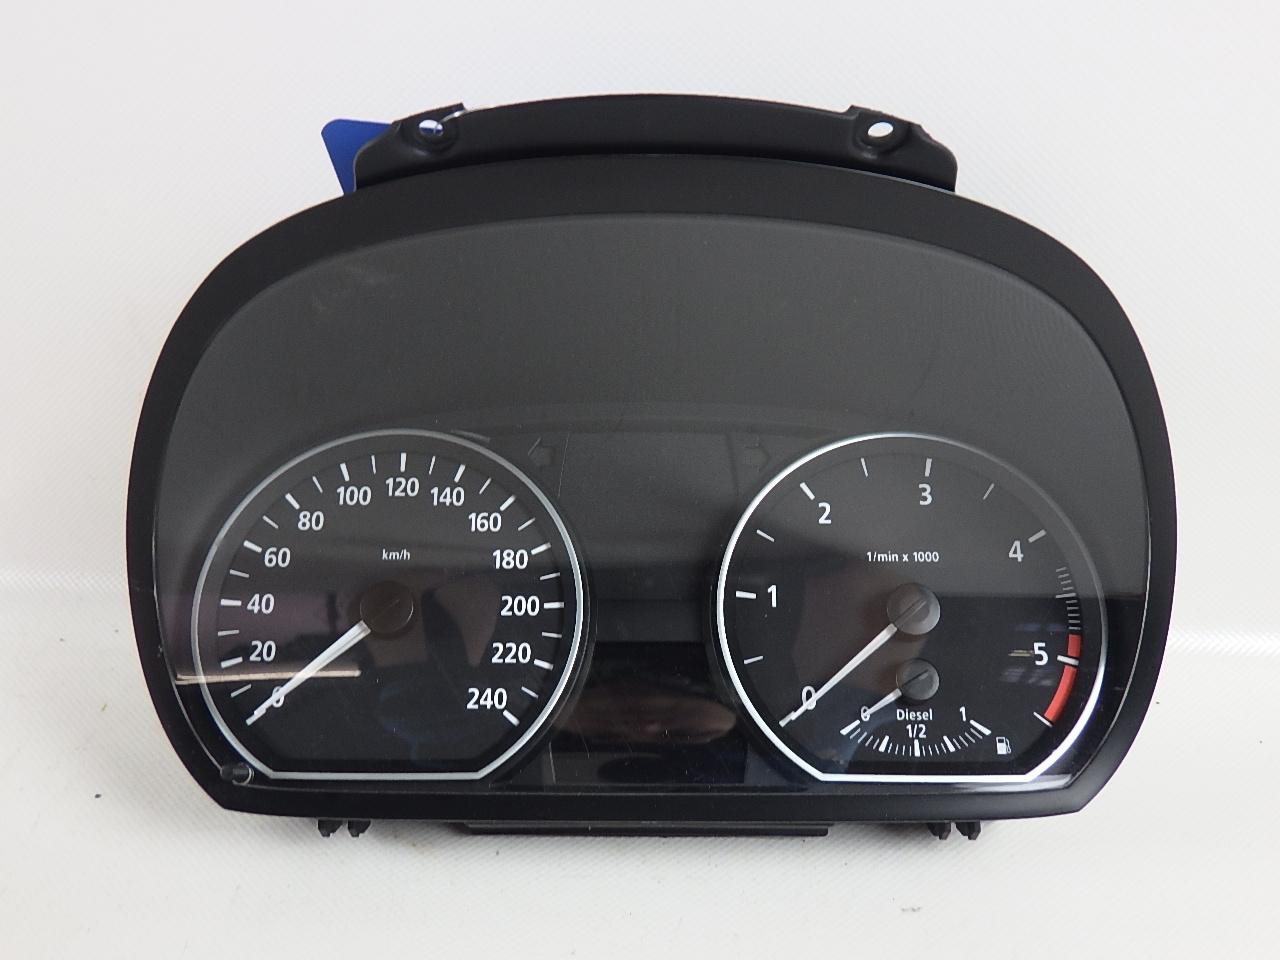 BMW 1 (E87) Spidometras 9110195-05 5167647